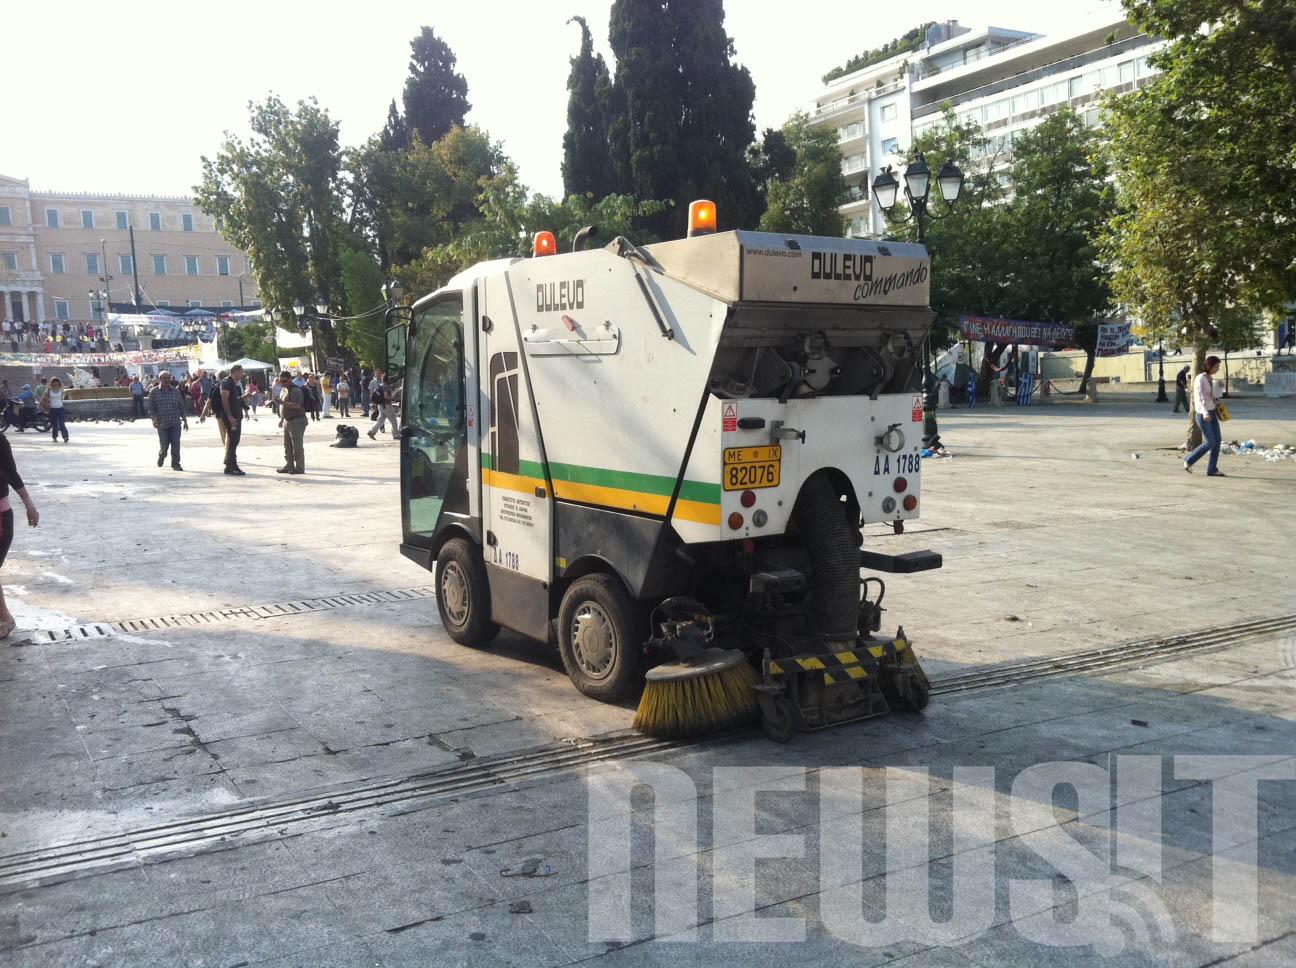 ΩΡΑ 08.30 Σκούπα του Δήμου καθαρίζει την πλατεία